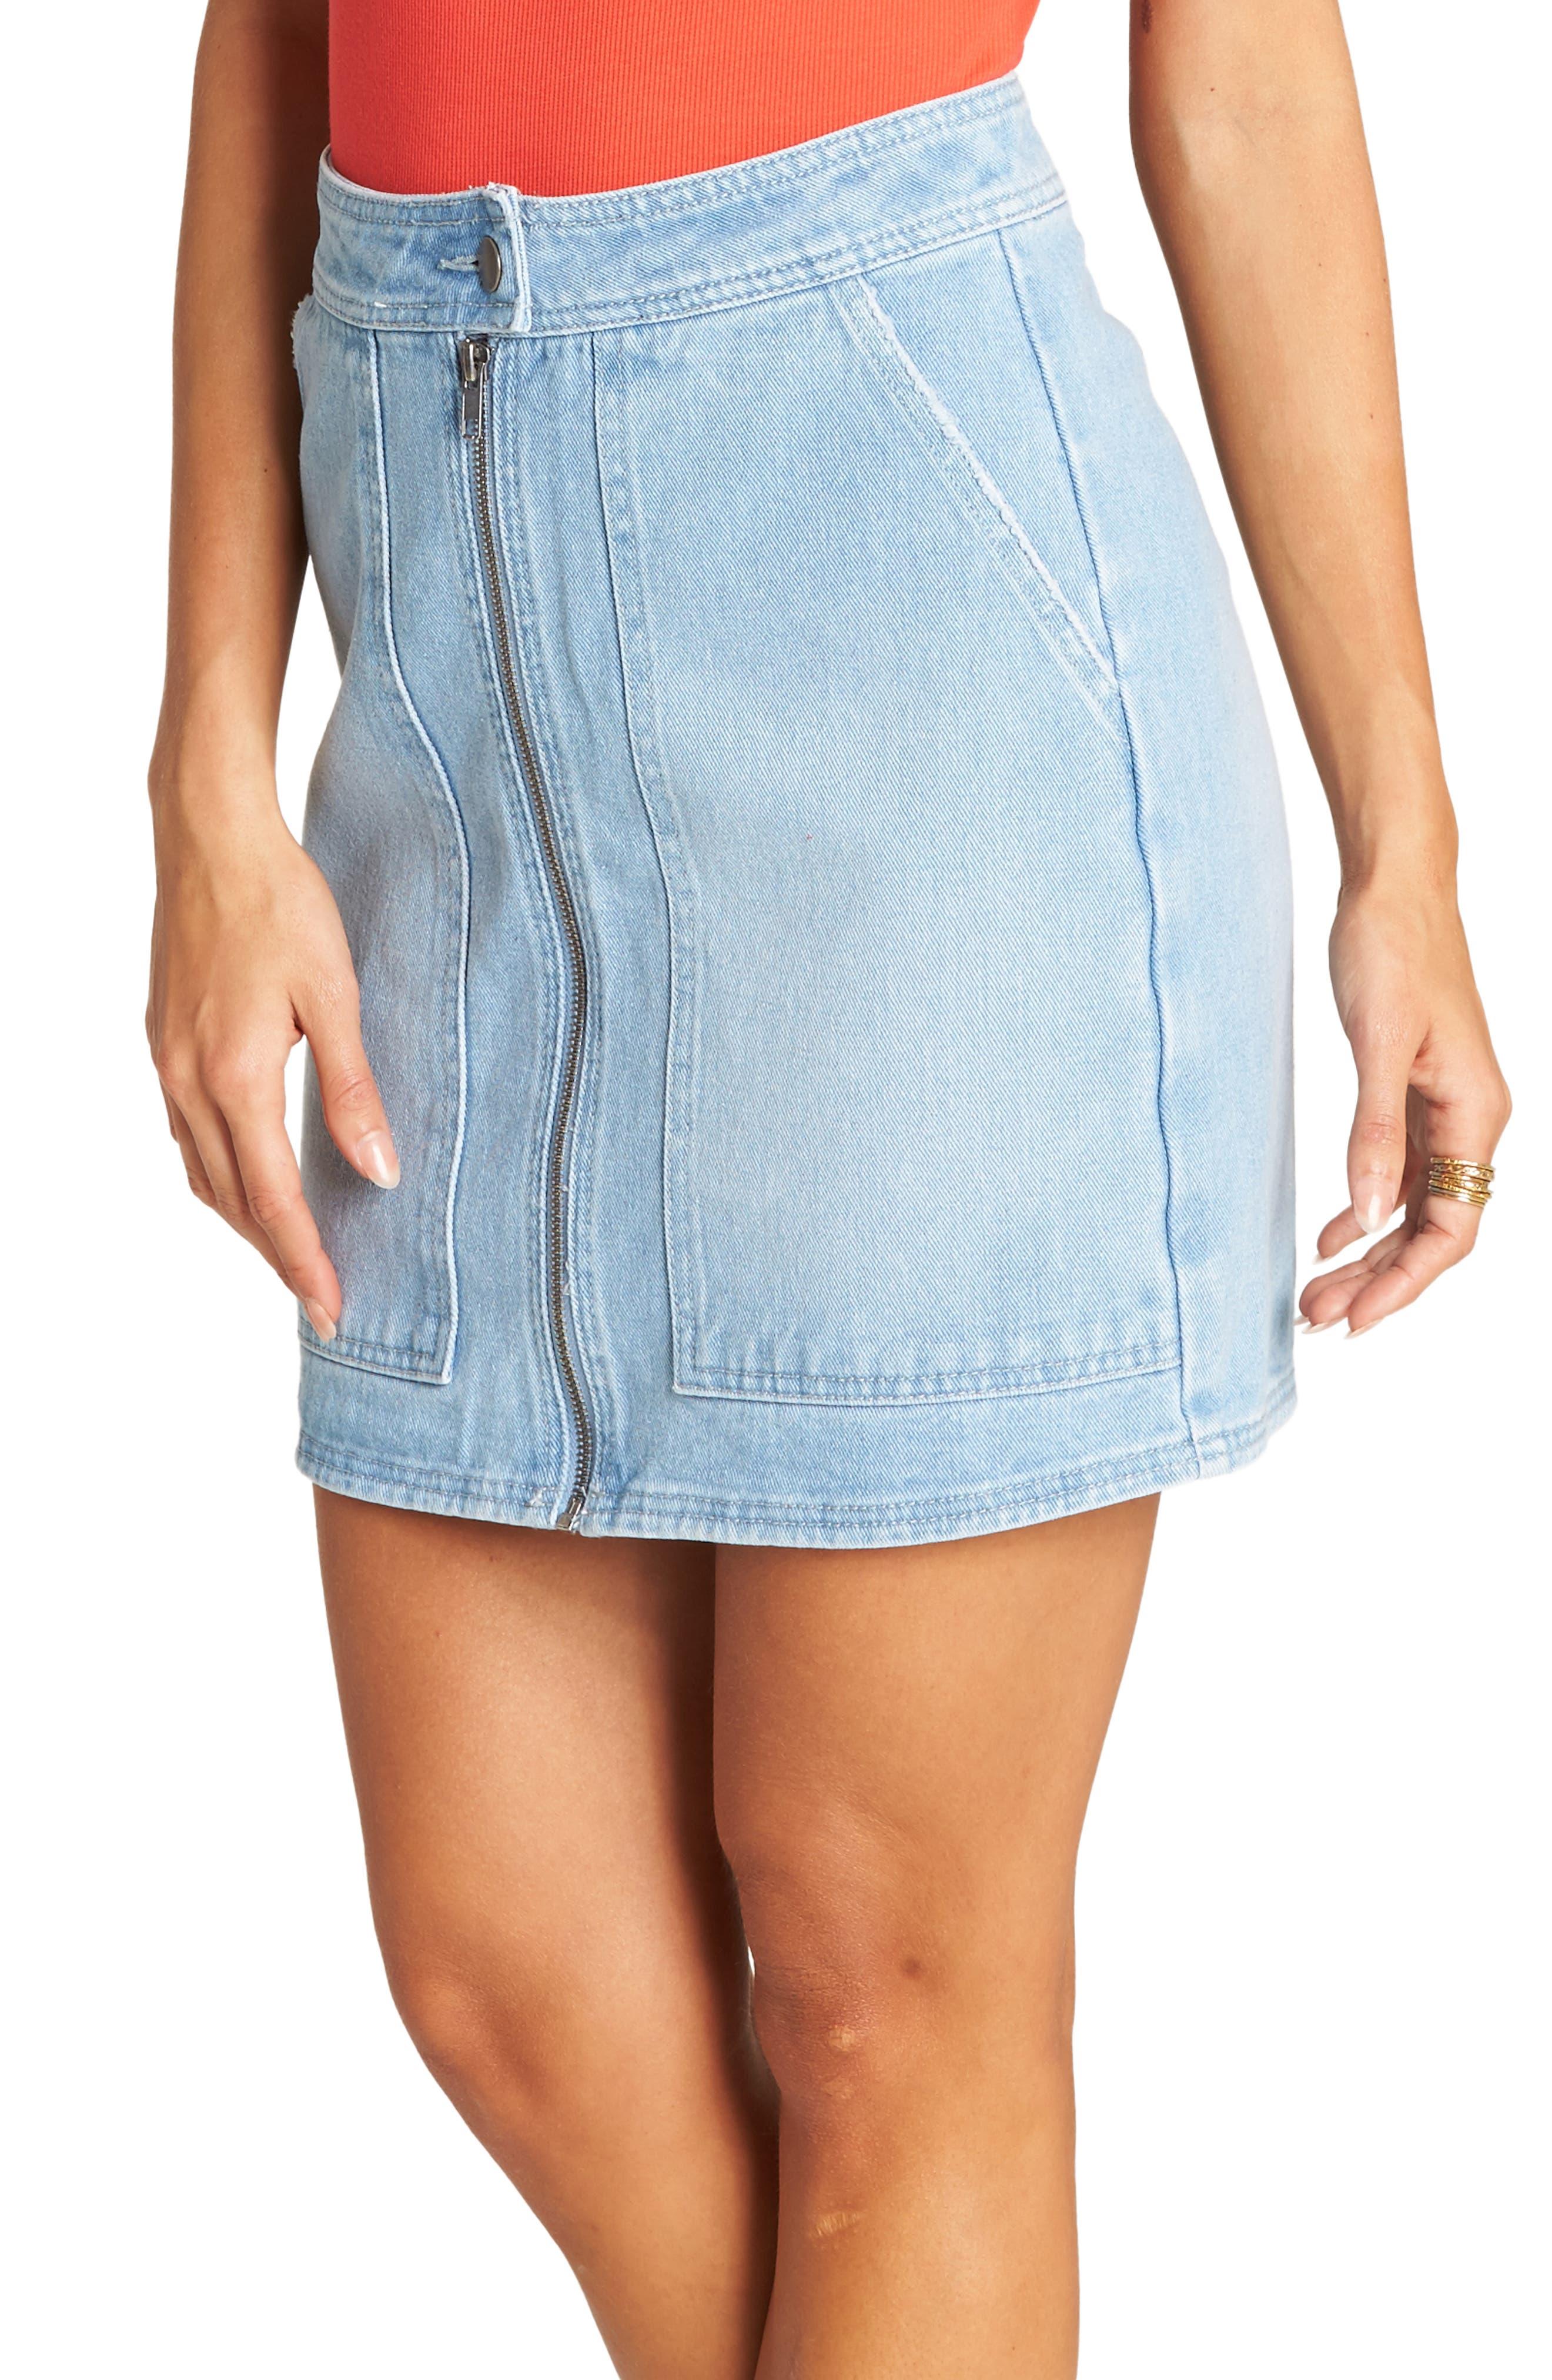 Billabong Ride Right Denim Miniskirt, Blue